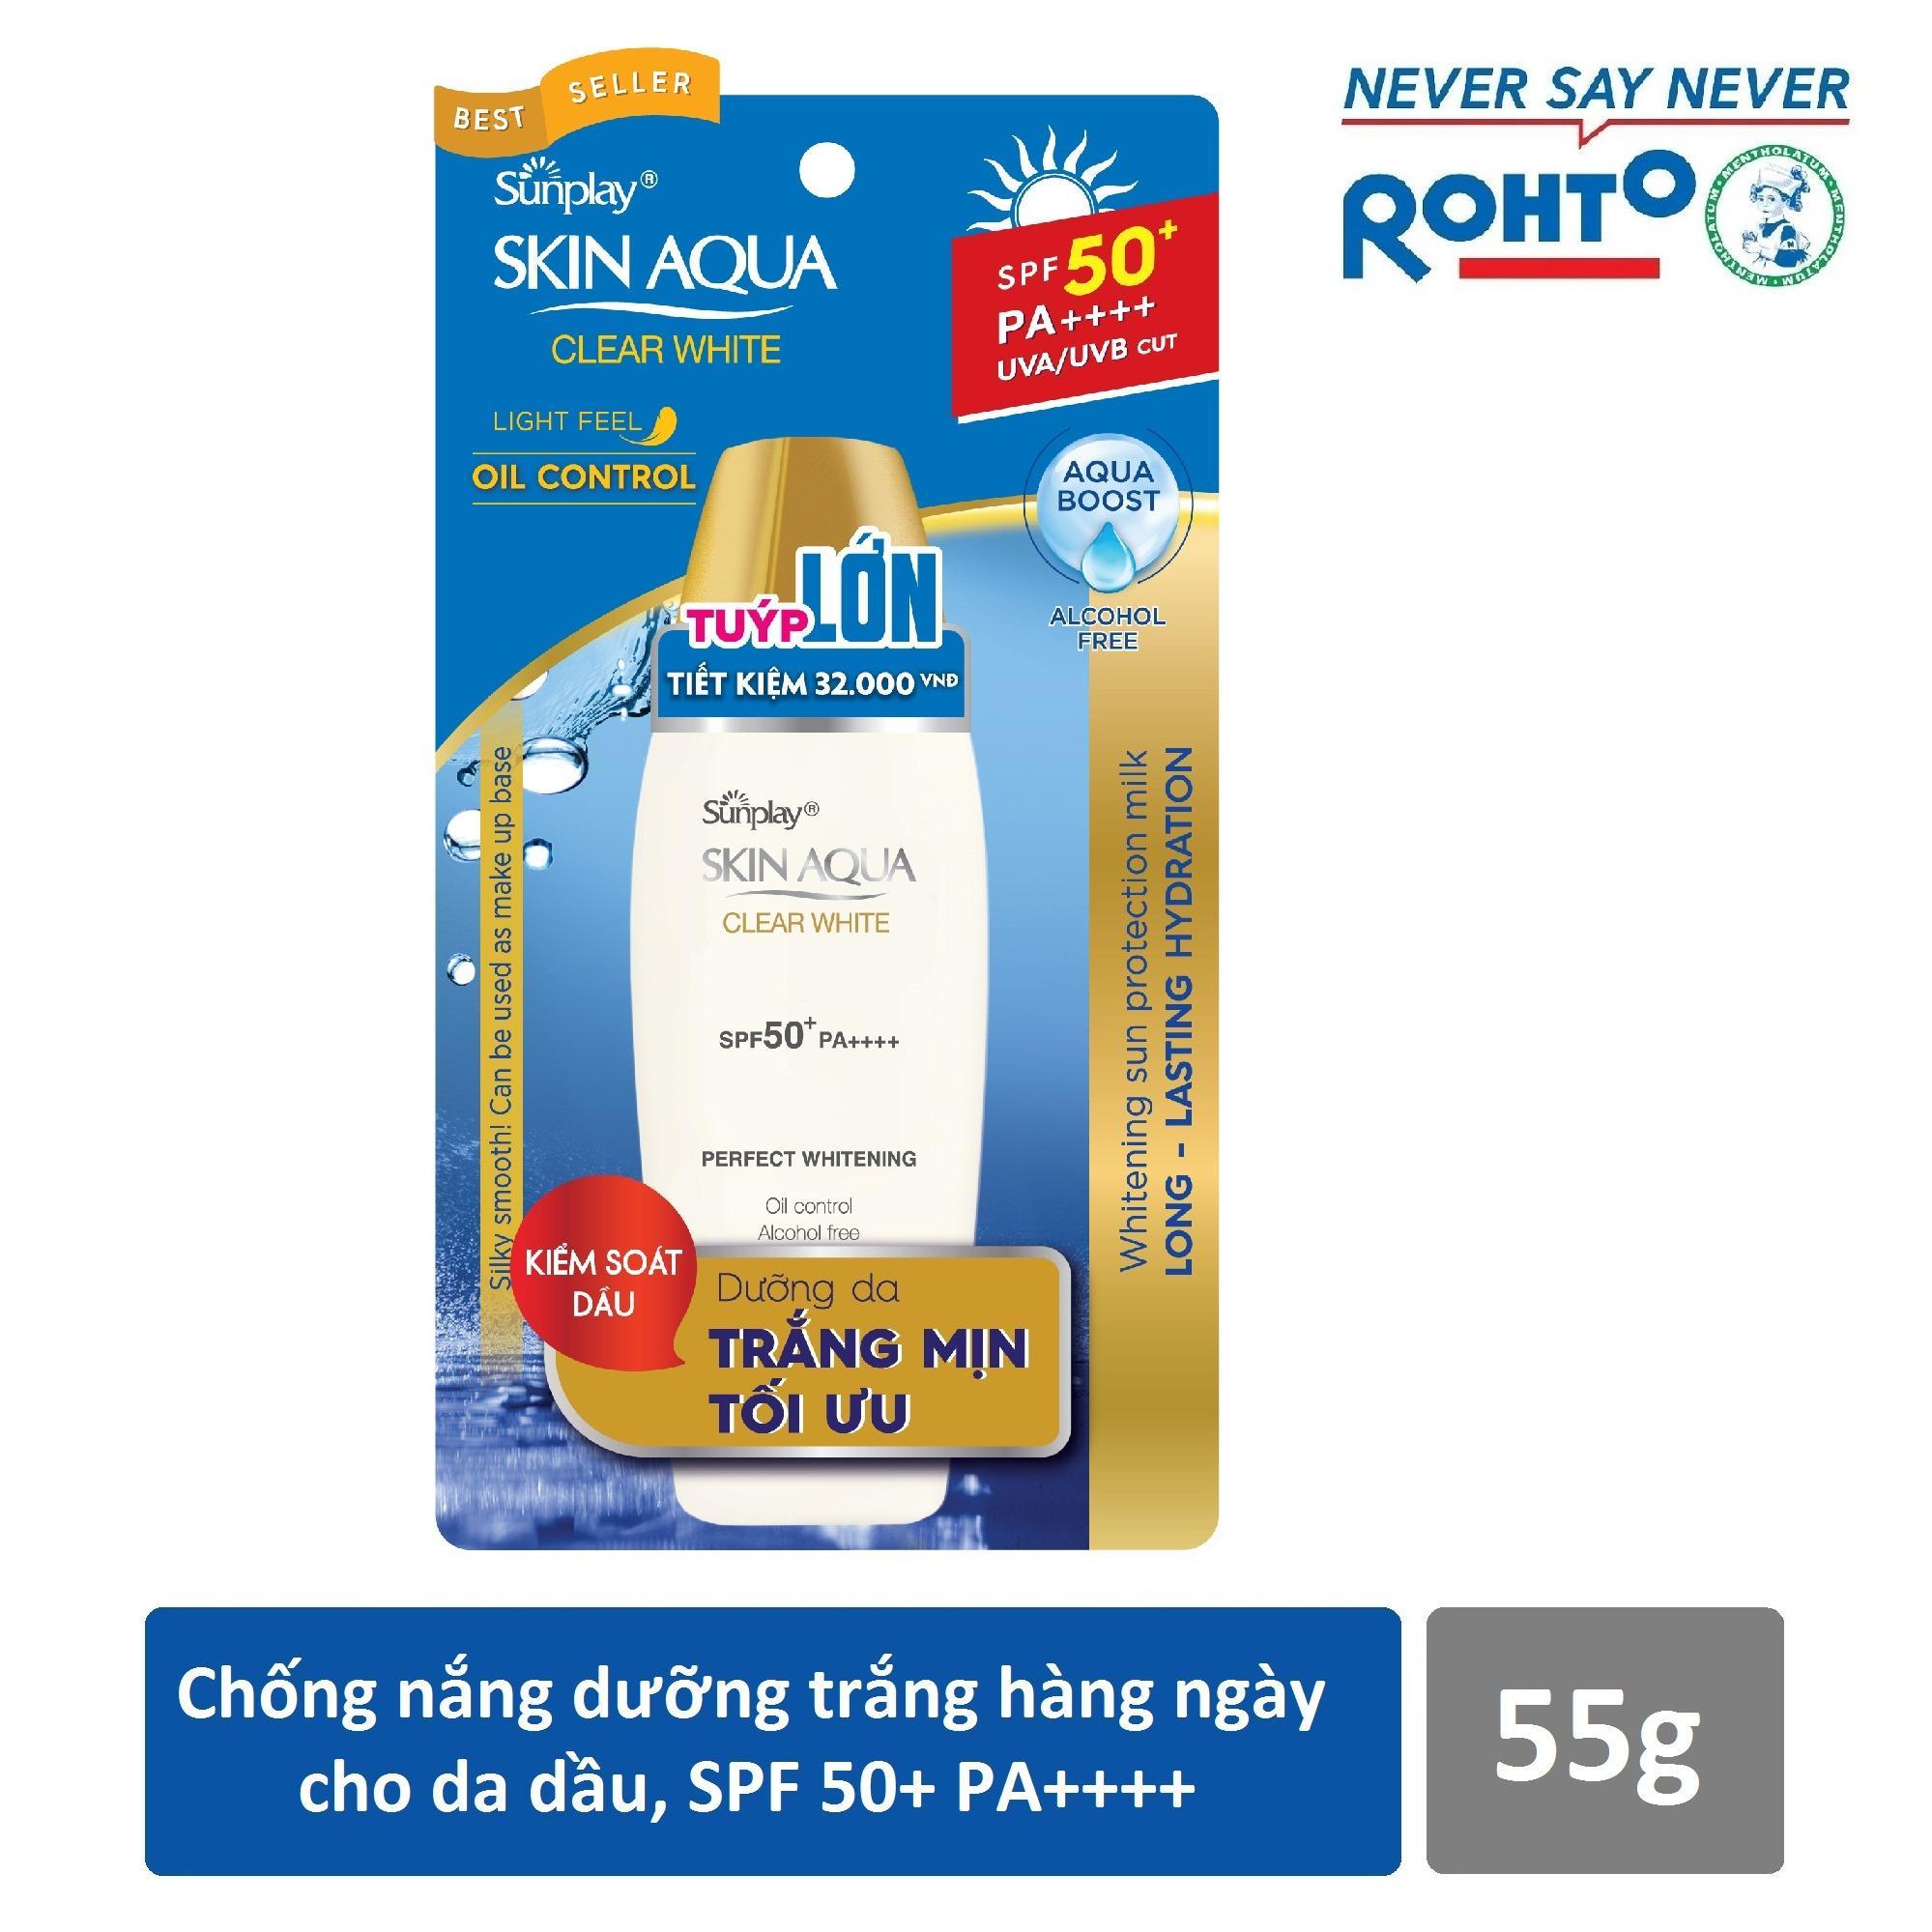 Hình ảnh Sữa chống nắng hằng ngày dưỡng trắng Sunplay Skin Aqua Clear White SPF 50+, PA++++ 55g